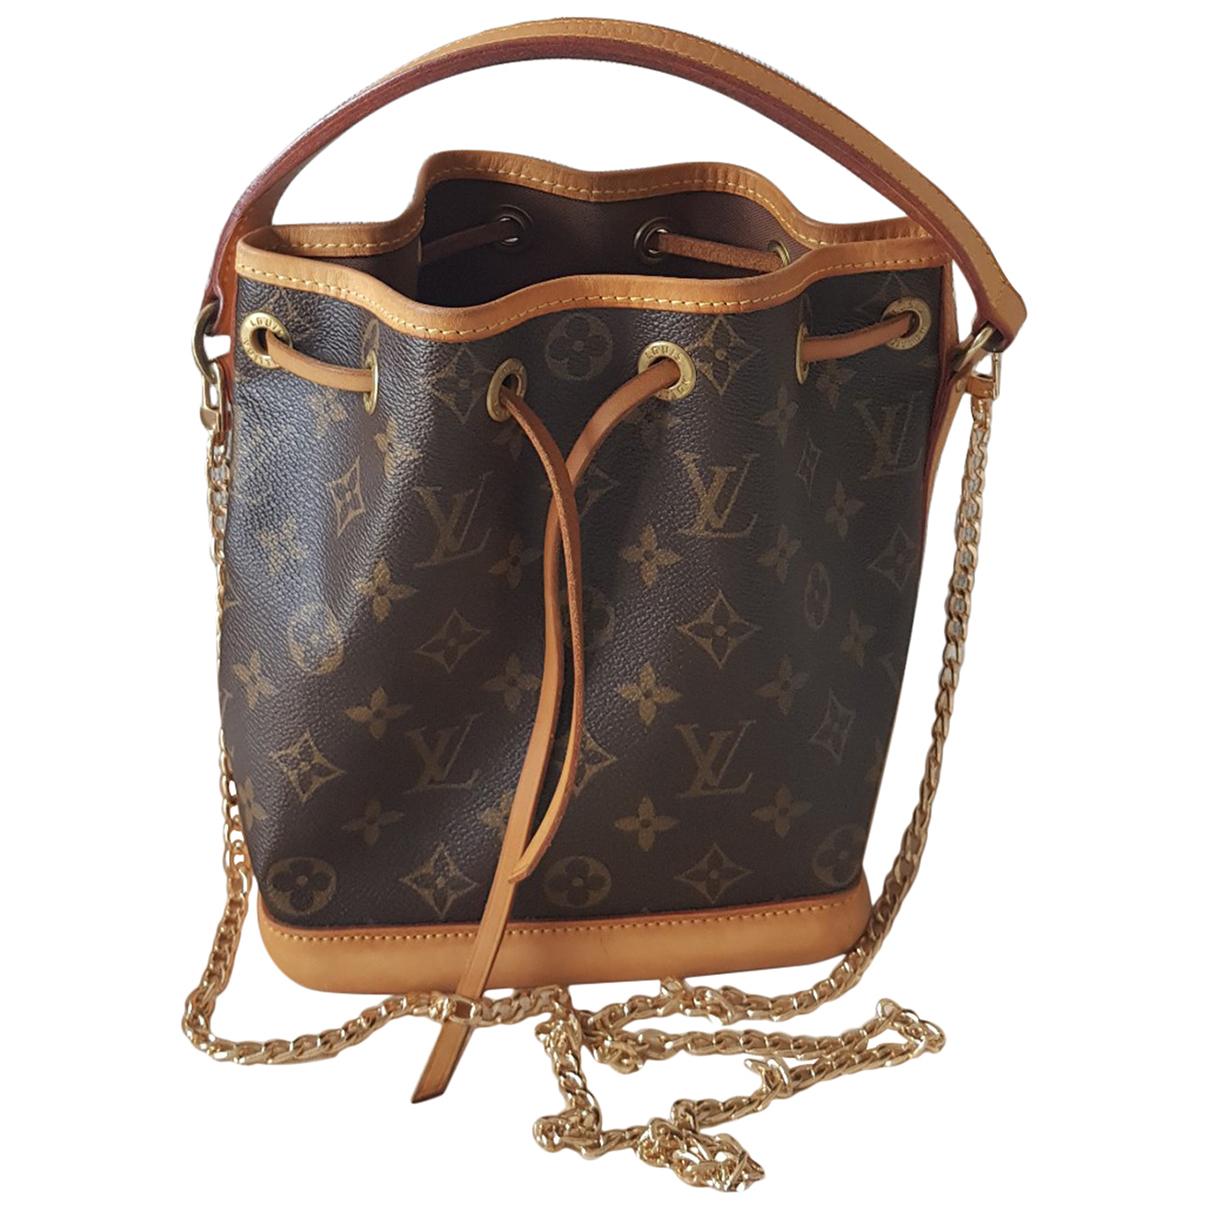 Louis Vuitton Noe Handtasche in  Braun Leder